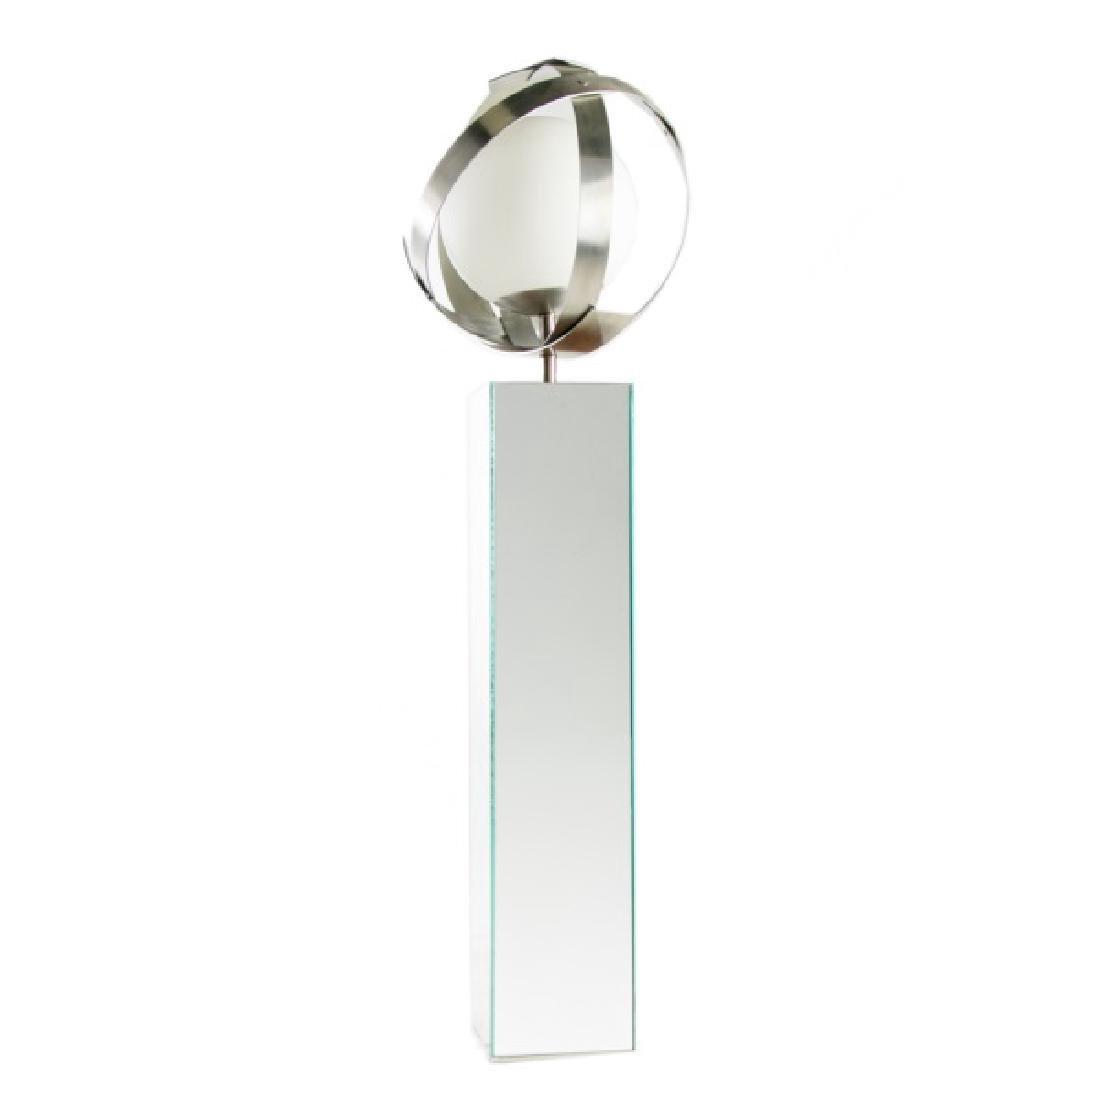 Aluminum Sphere Lamp w/Mirrored Base, Laurel Lamp